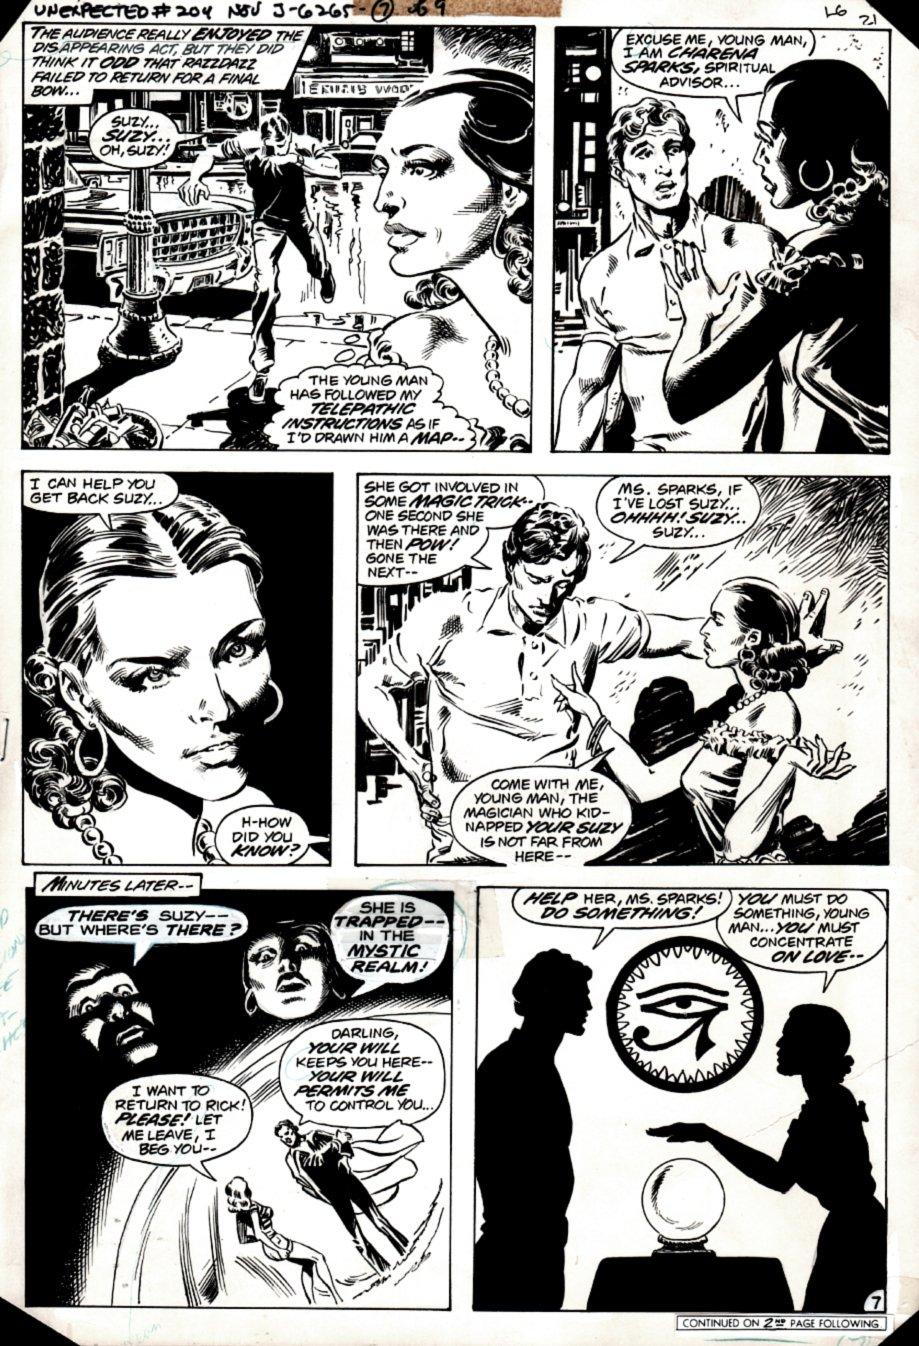 The Unexpected #204 p 7 (STUNNING DON NEWTON ART!) 1980